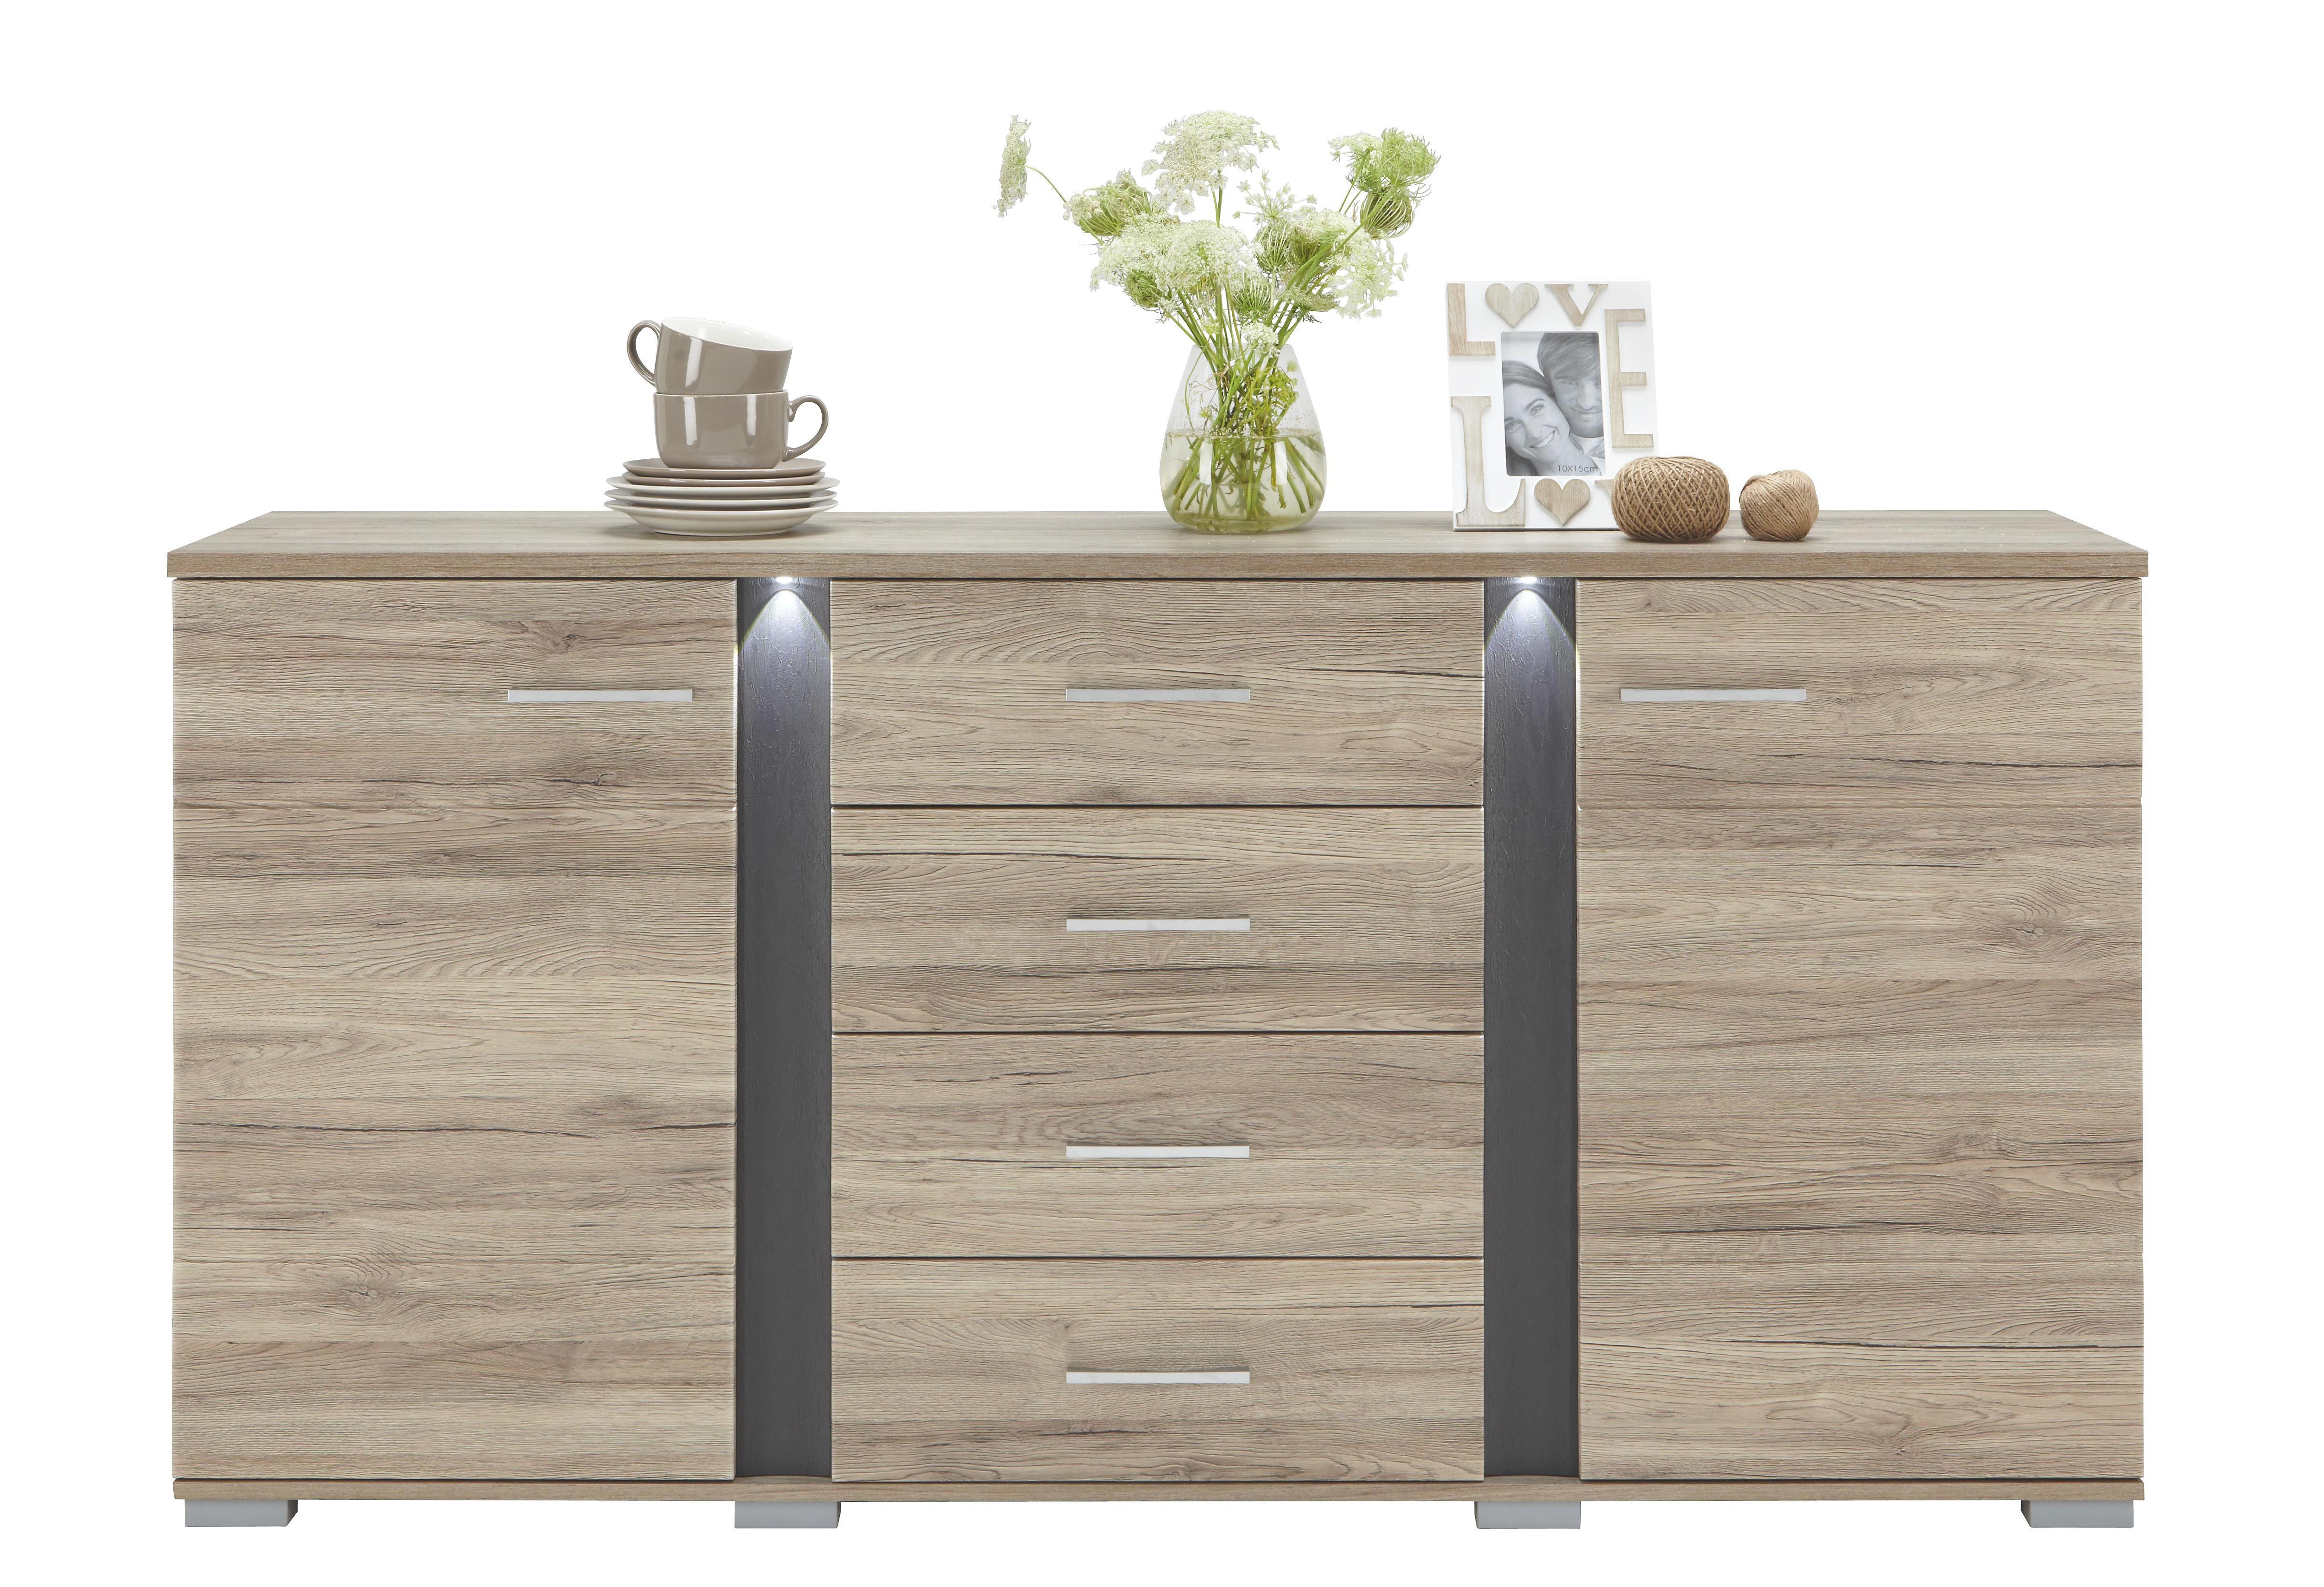 SIDEBOARD Eichefarben, Grau - Eichefarben/Silberfarben, Design, Holzwerkstoff/Kunststoff (170/87/43cm) - CARRYHOME